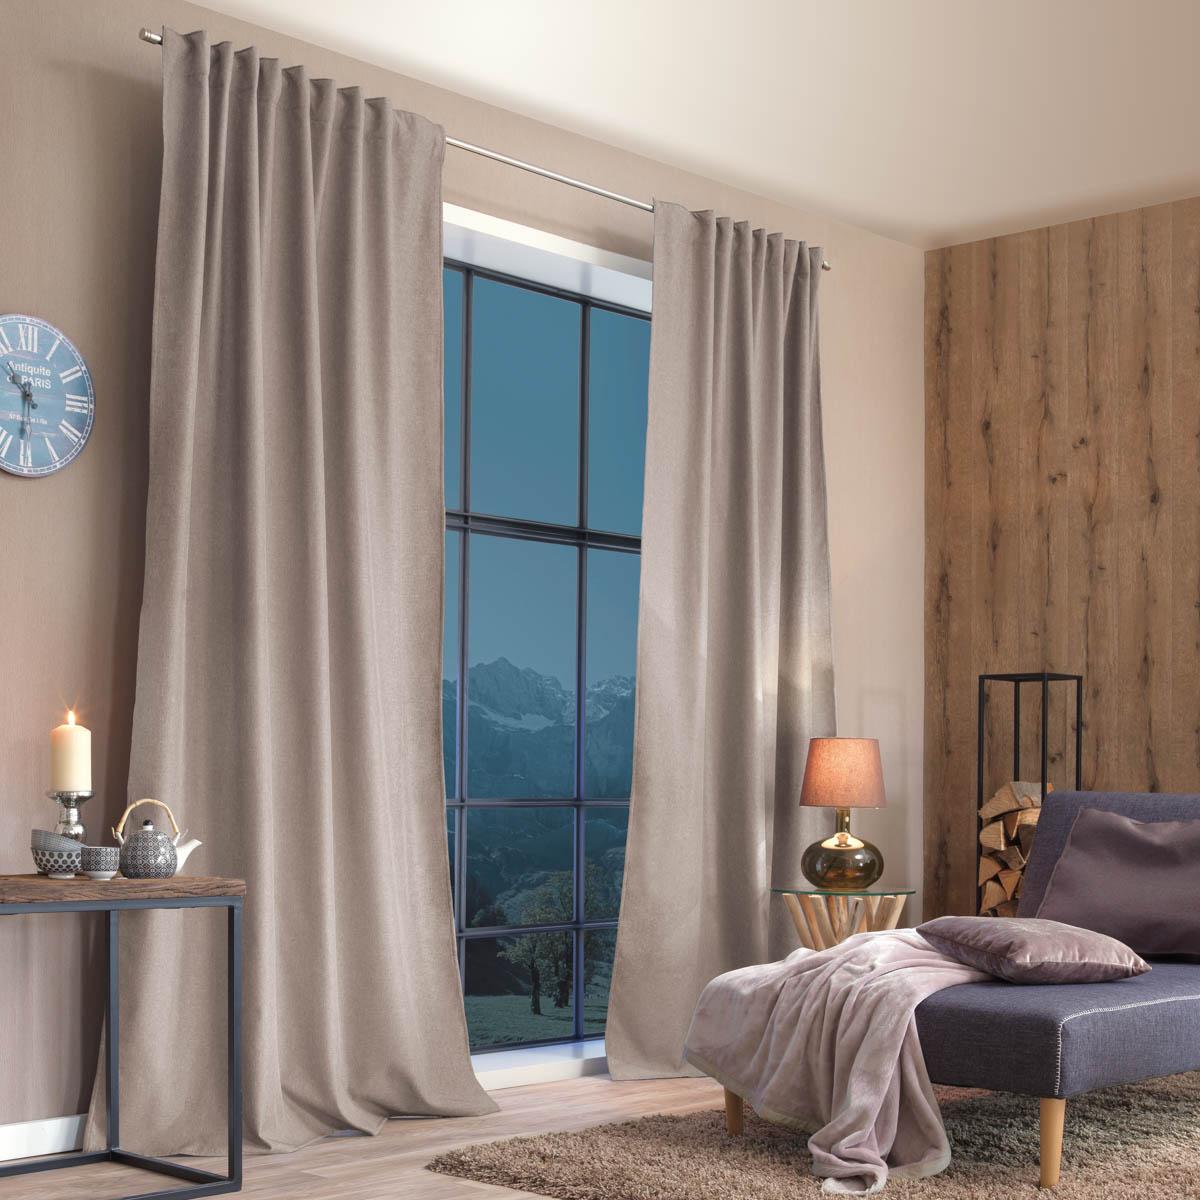 Thermo Vorhang mit Schlaufenband Kälte- und Hitzeschutz einfarbig natur grau 135x245cm